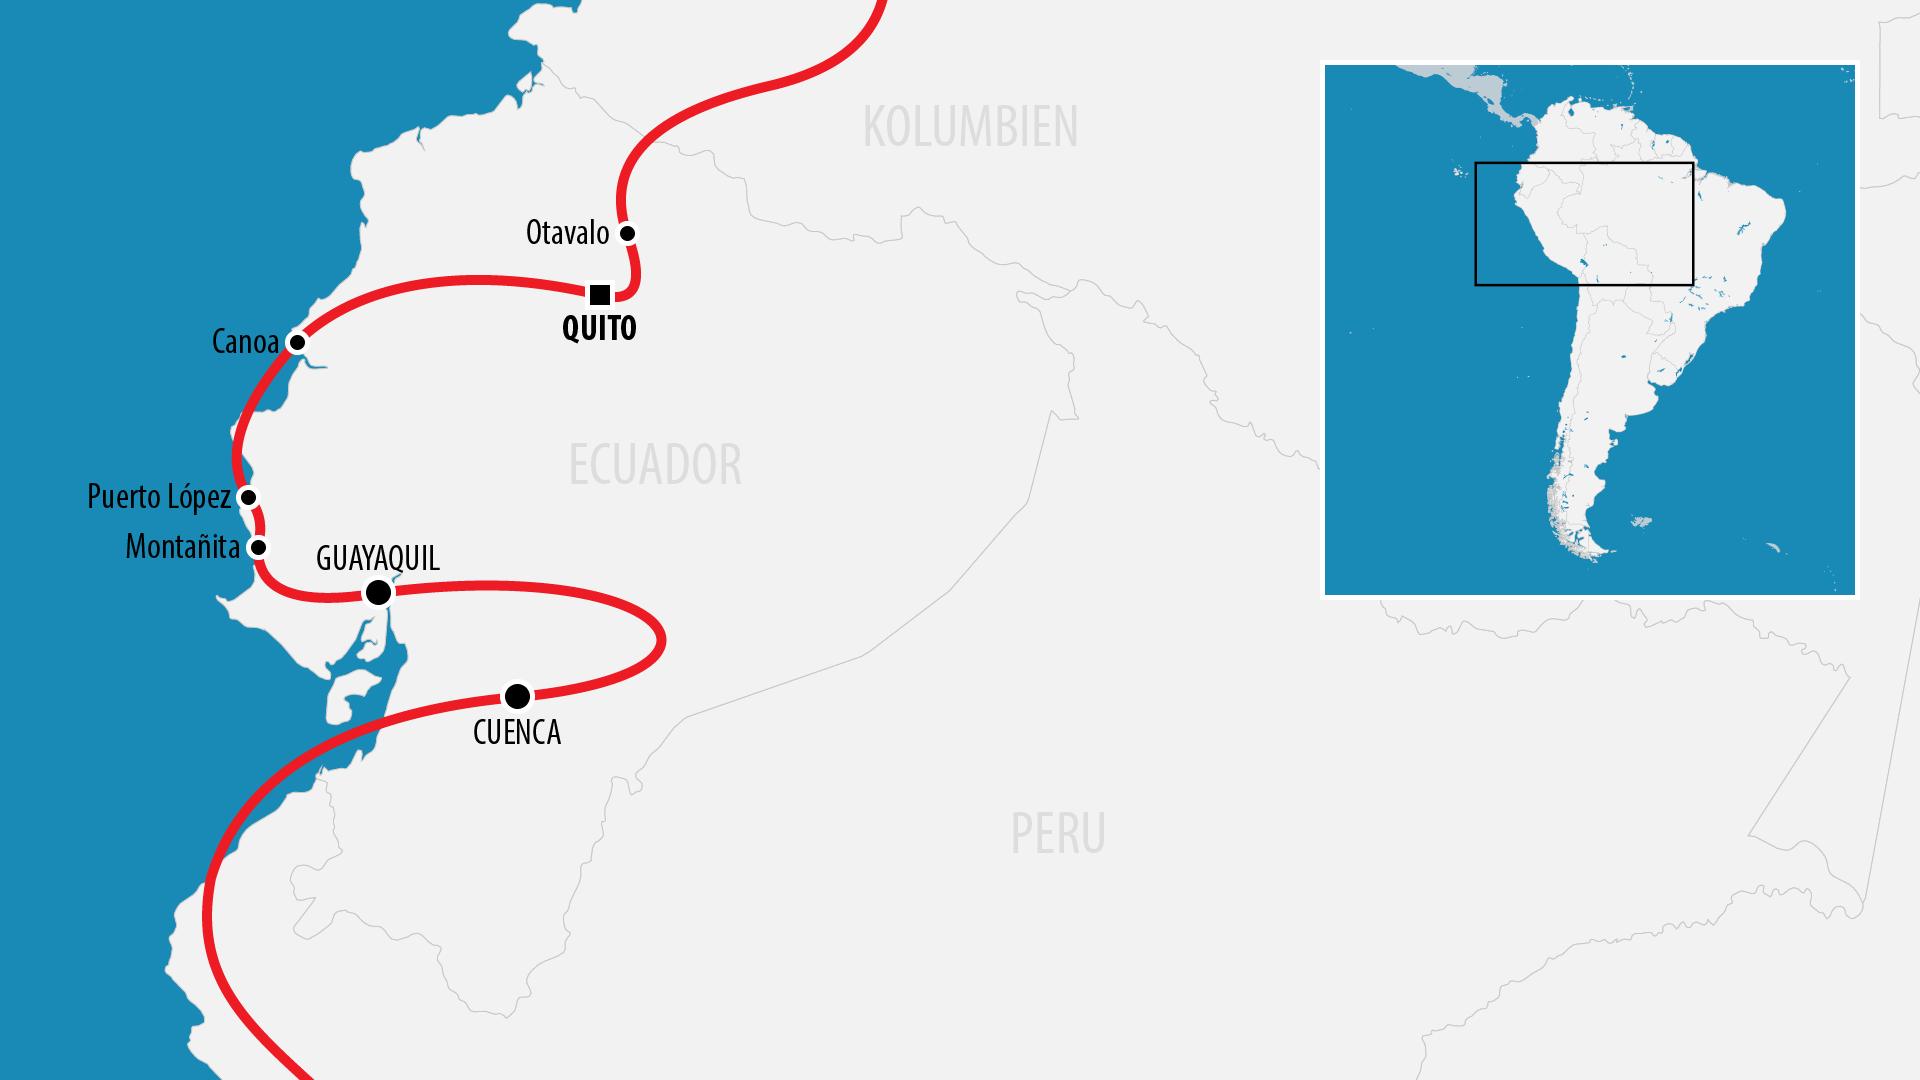 Reiseroute Südamerika 2017 (Ecuador)